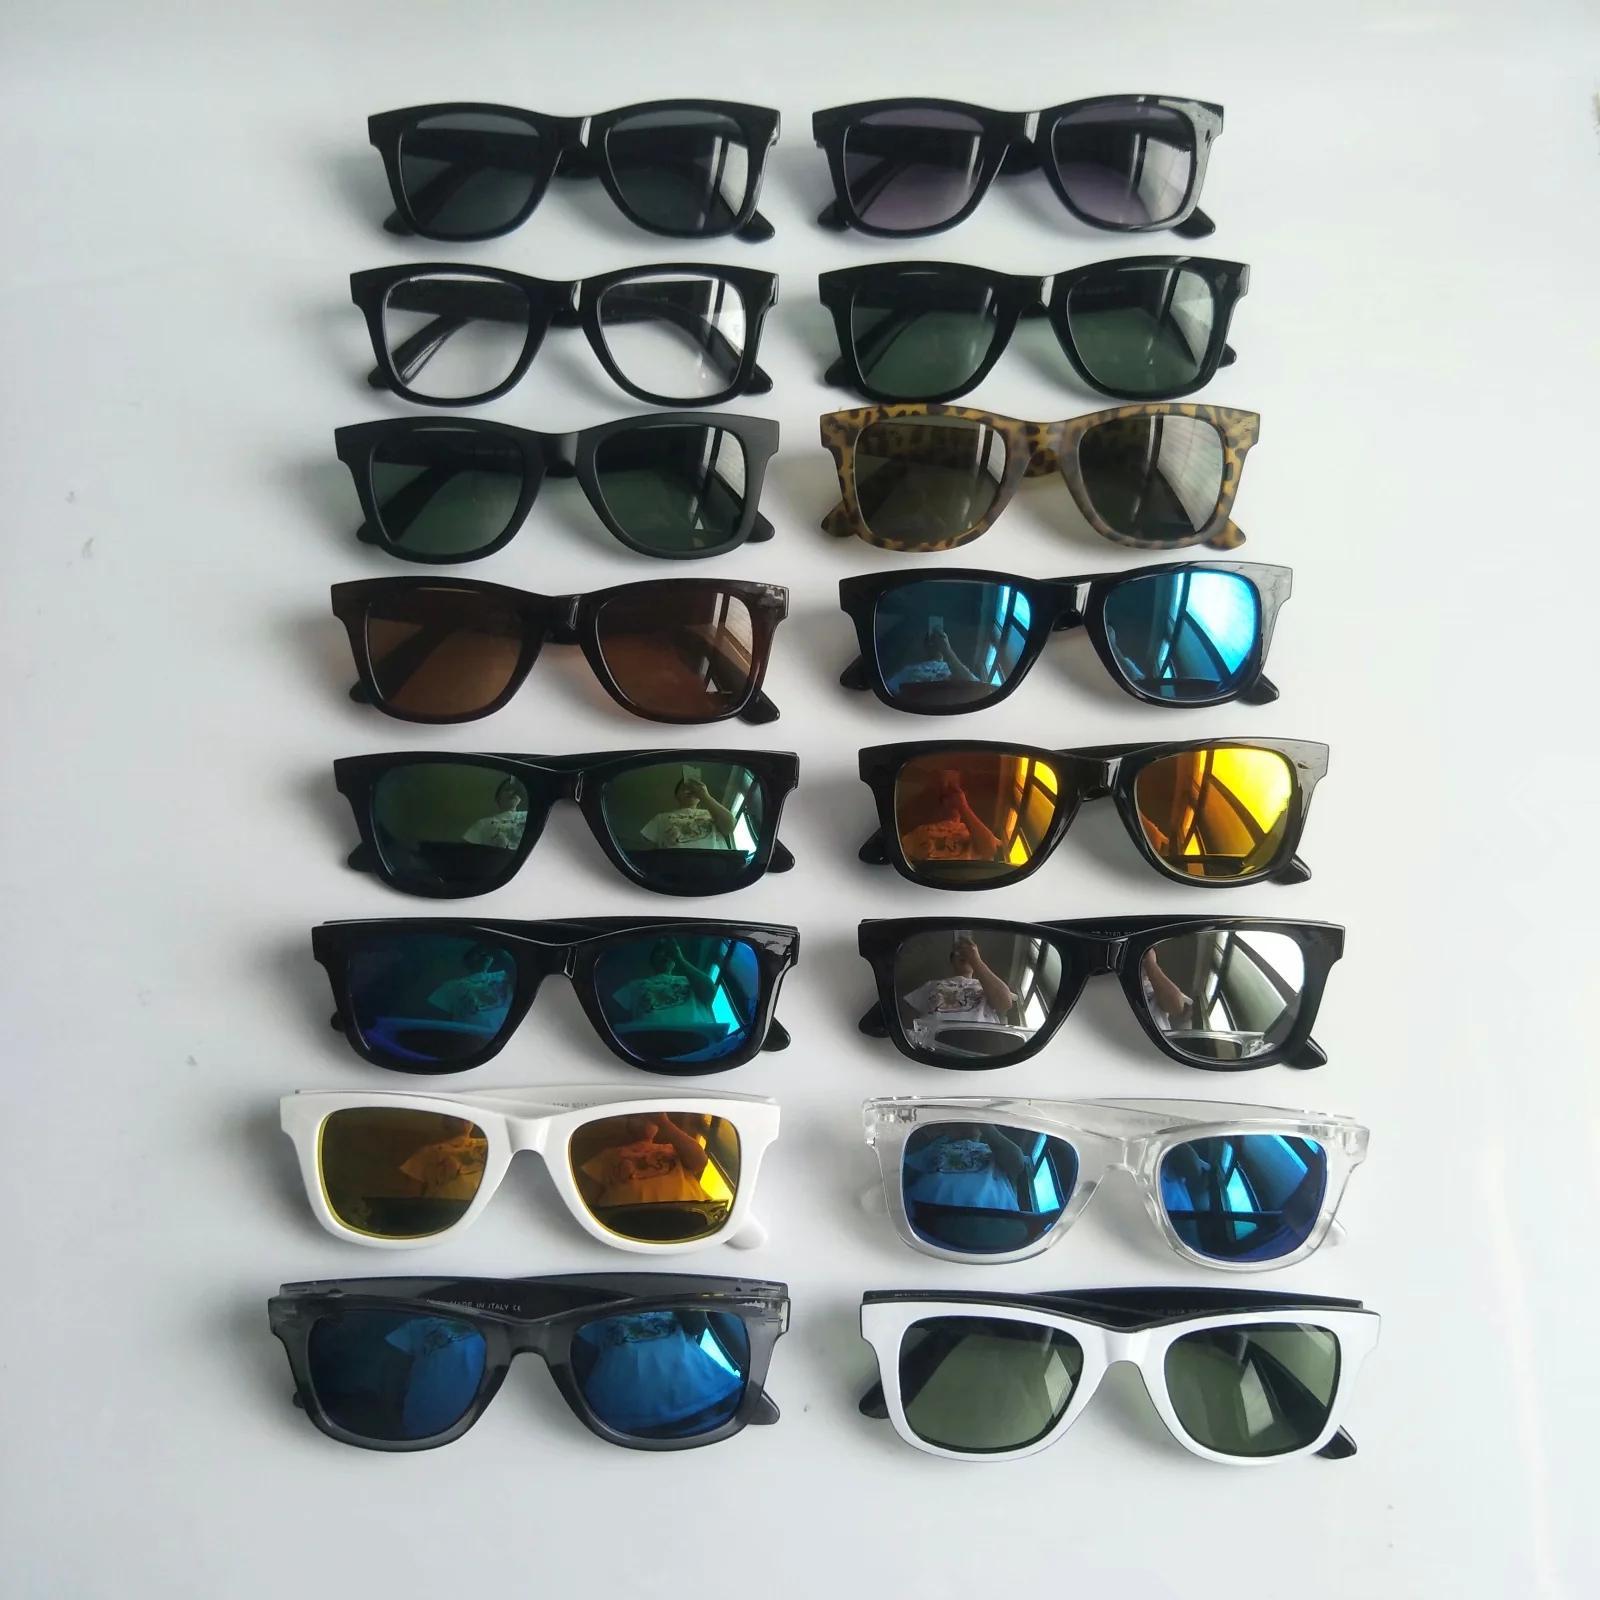 Rétro designer couleur film lunettes de soleil mode conduite hommes femmes lunettes lunettes vintage package complet 29 couleurs